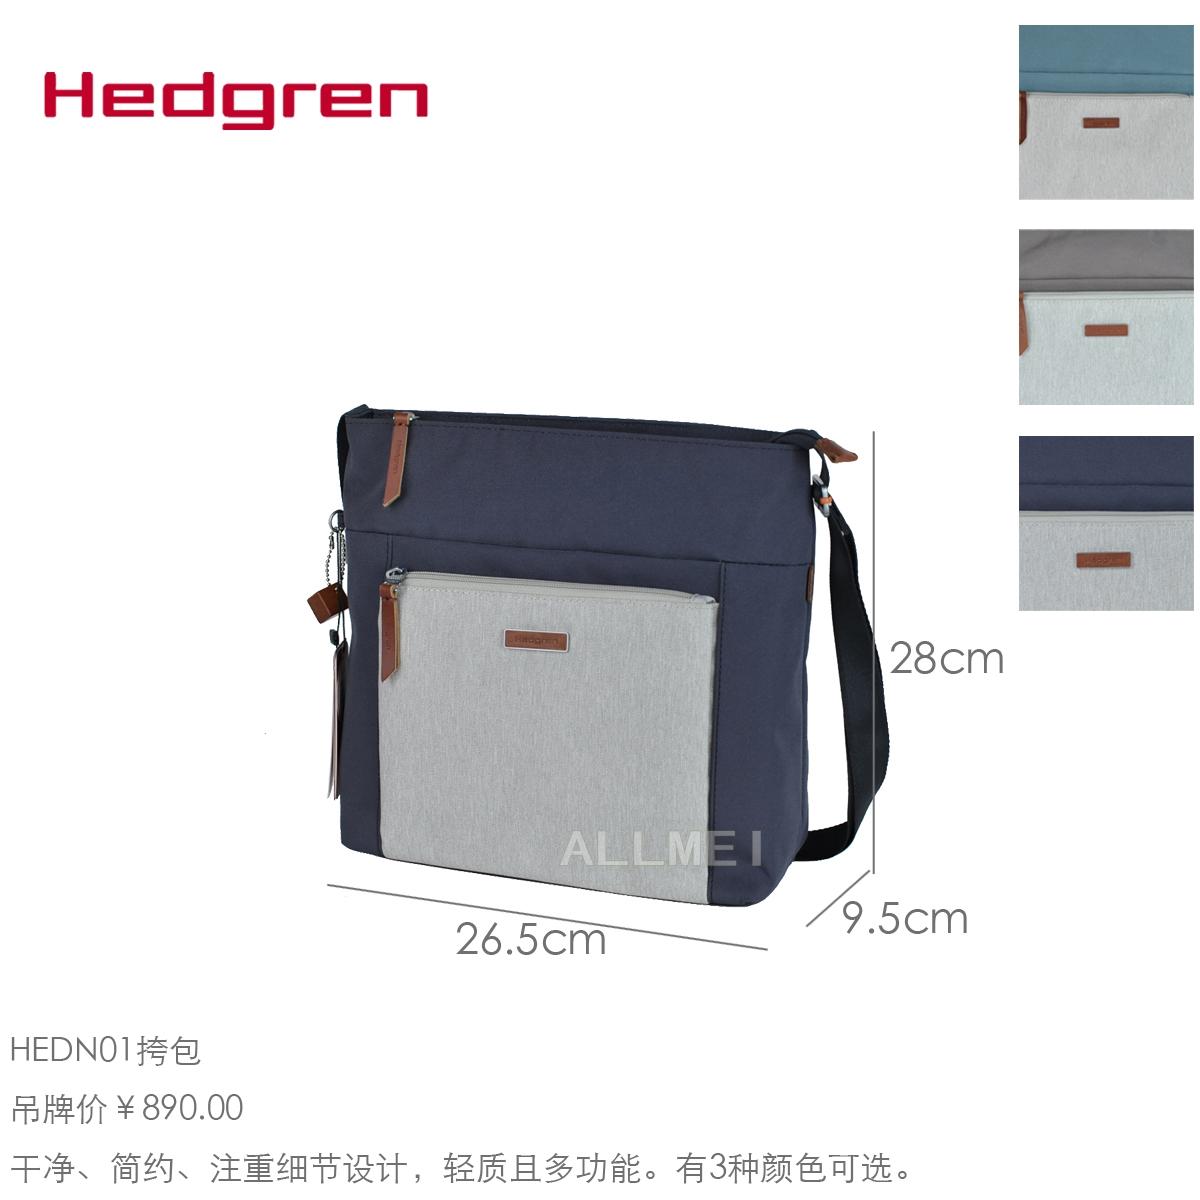 2017年新款国内代购▲Hedgren海格林HEDN01单肩斜挎包 专柜正品